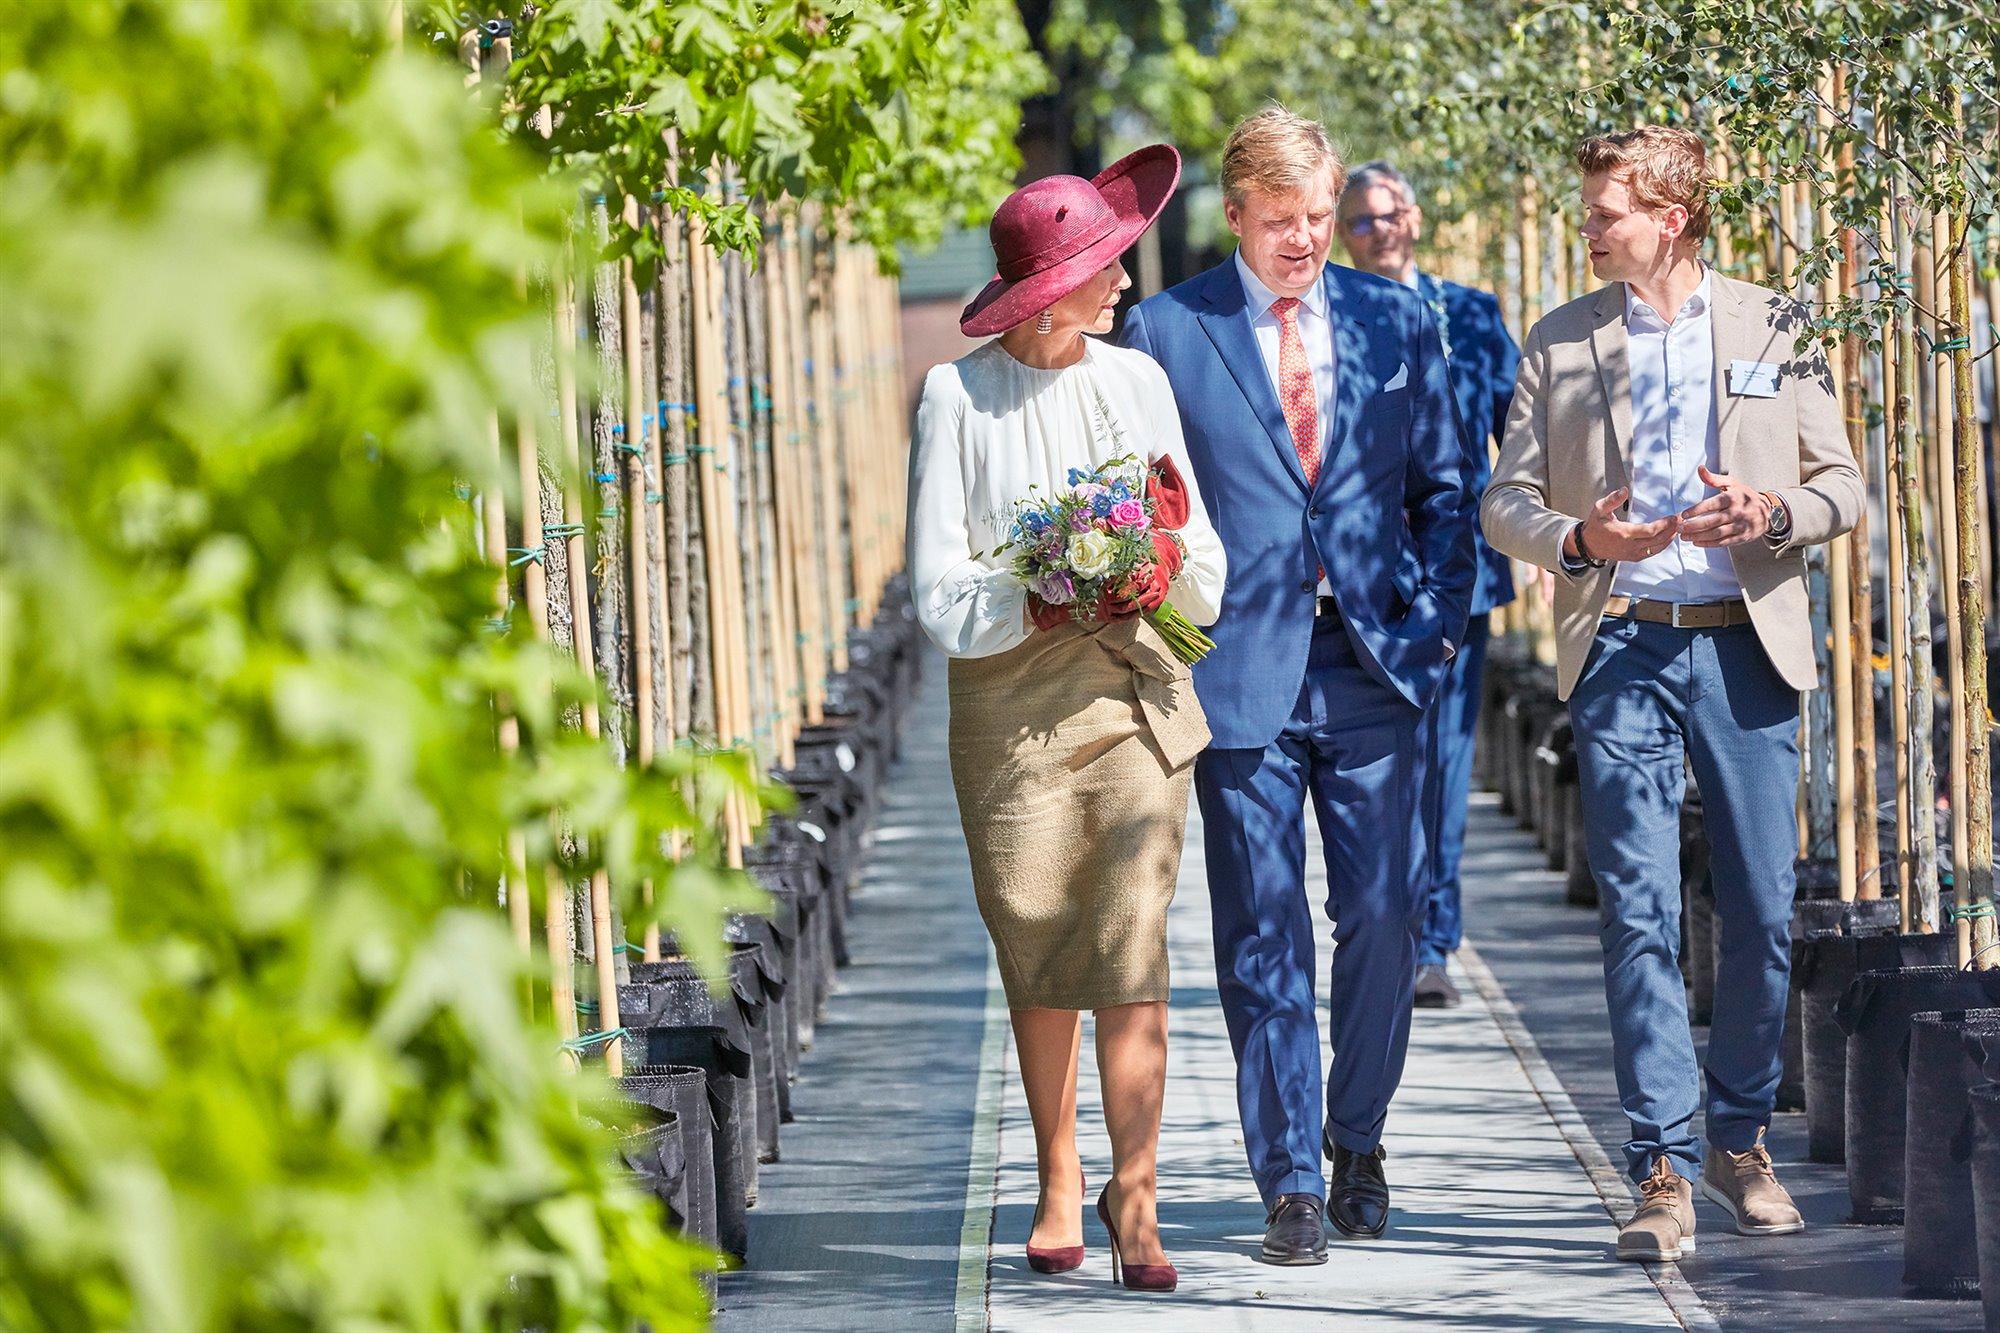 Koning en Koningin luisteren al wandelend tussen de bomenlaan naar een jonge medewerker.